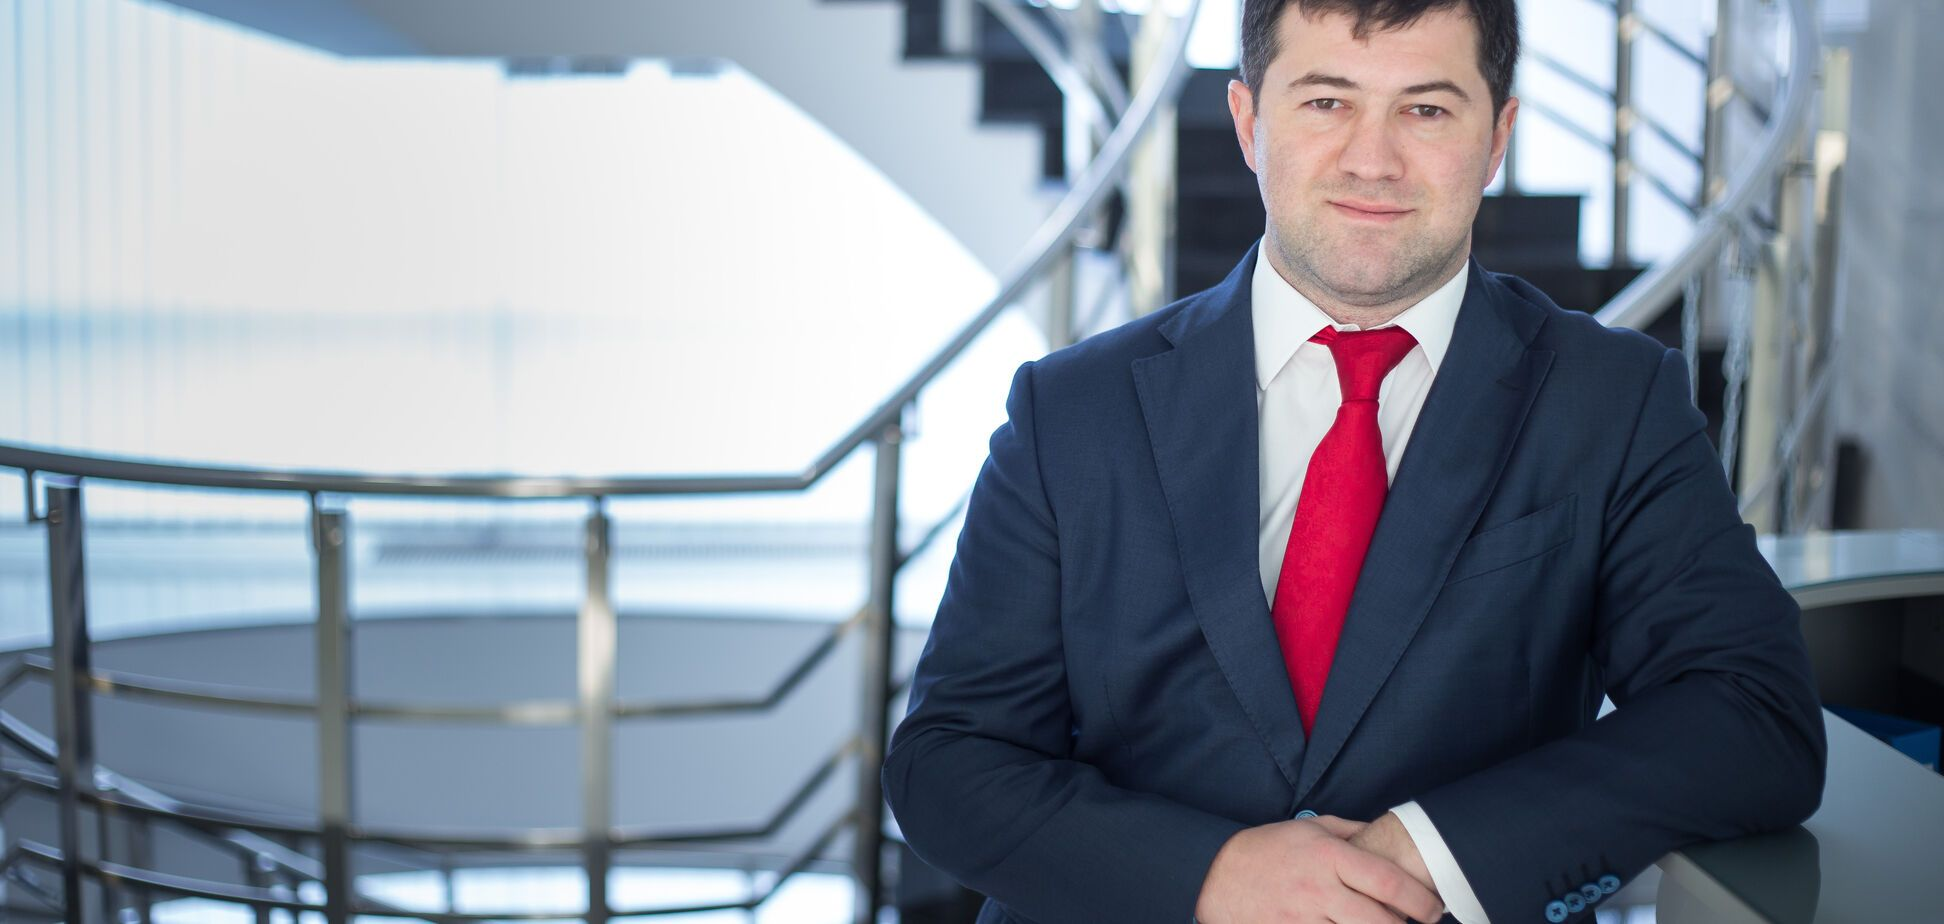 Единственная цель дела против меня - это должность главы ГФС - Роман Насиров